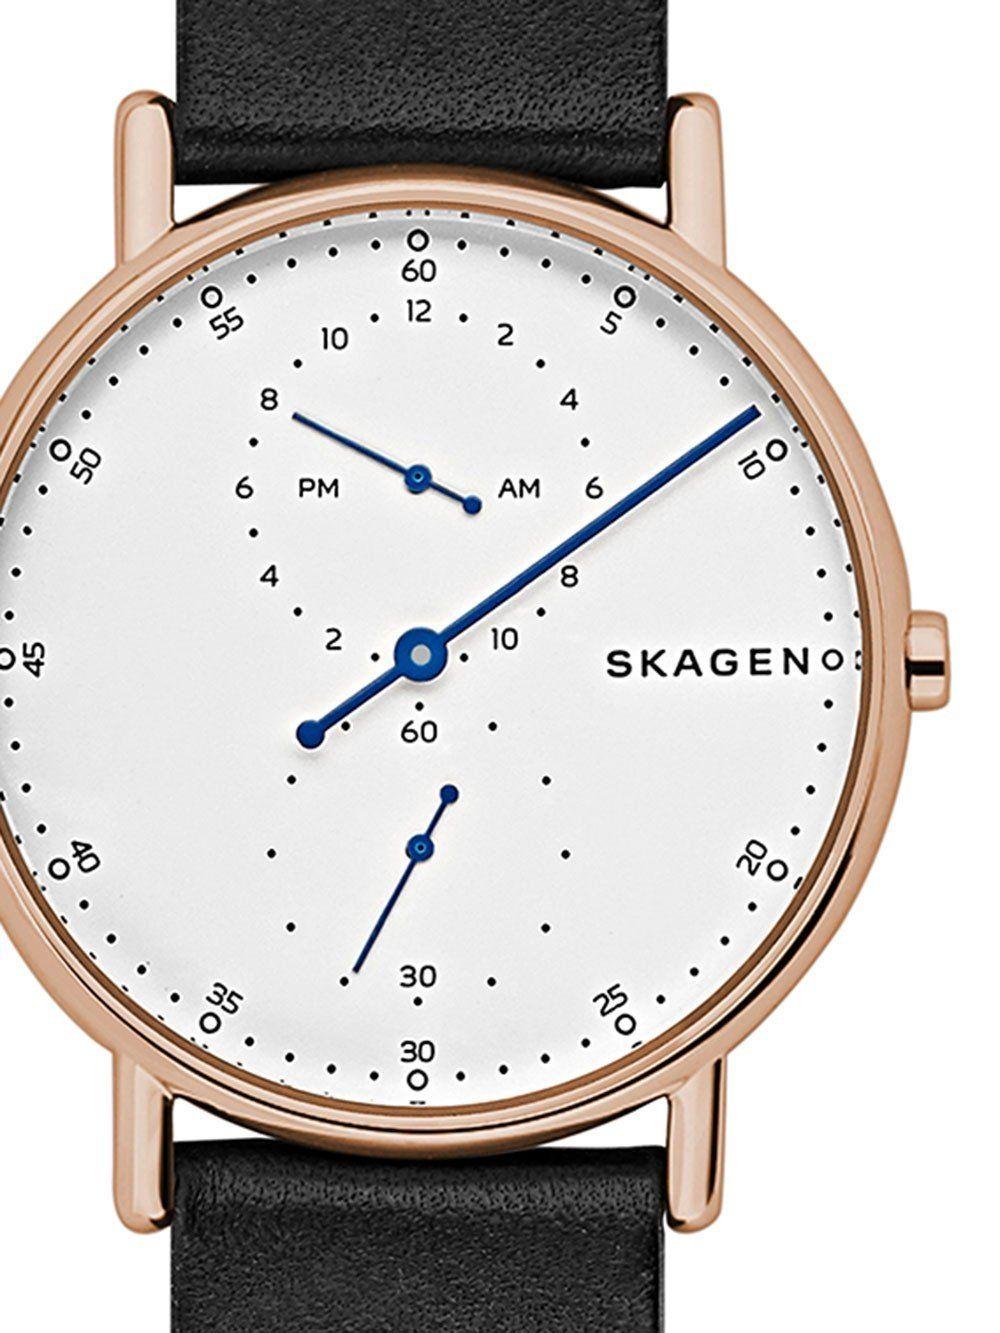 Signatur 40mm Skw6390 Watches Mens 5atmUhren 80eSkagen b7vY6fgy